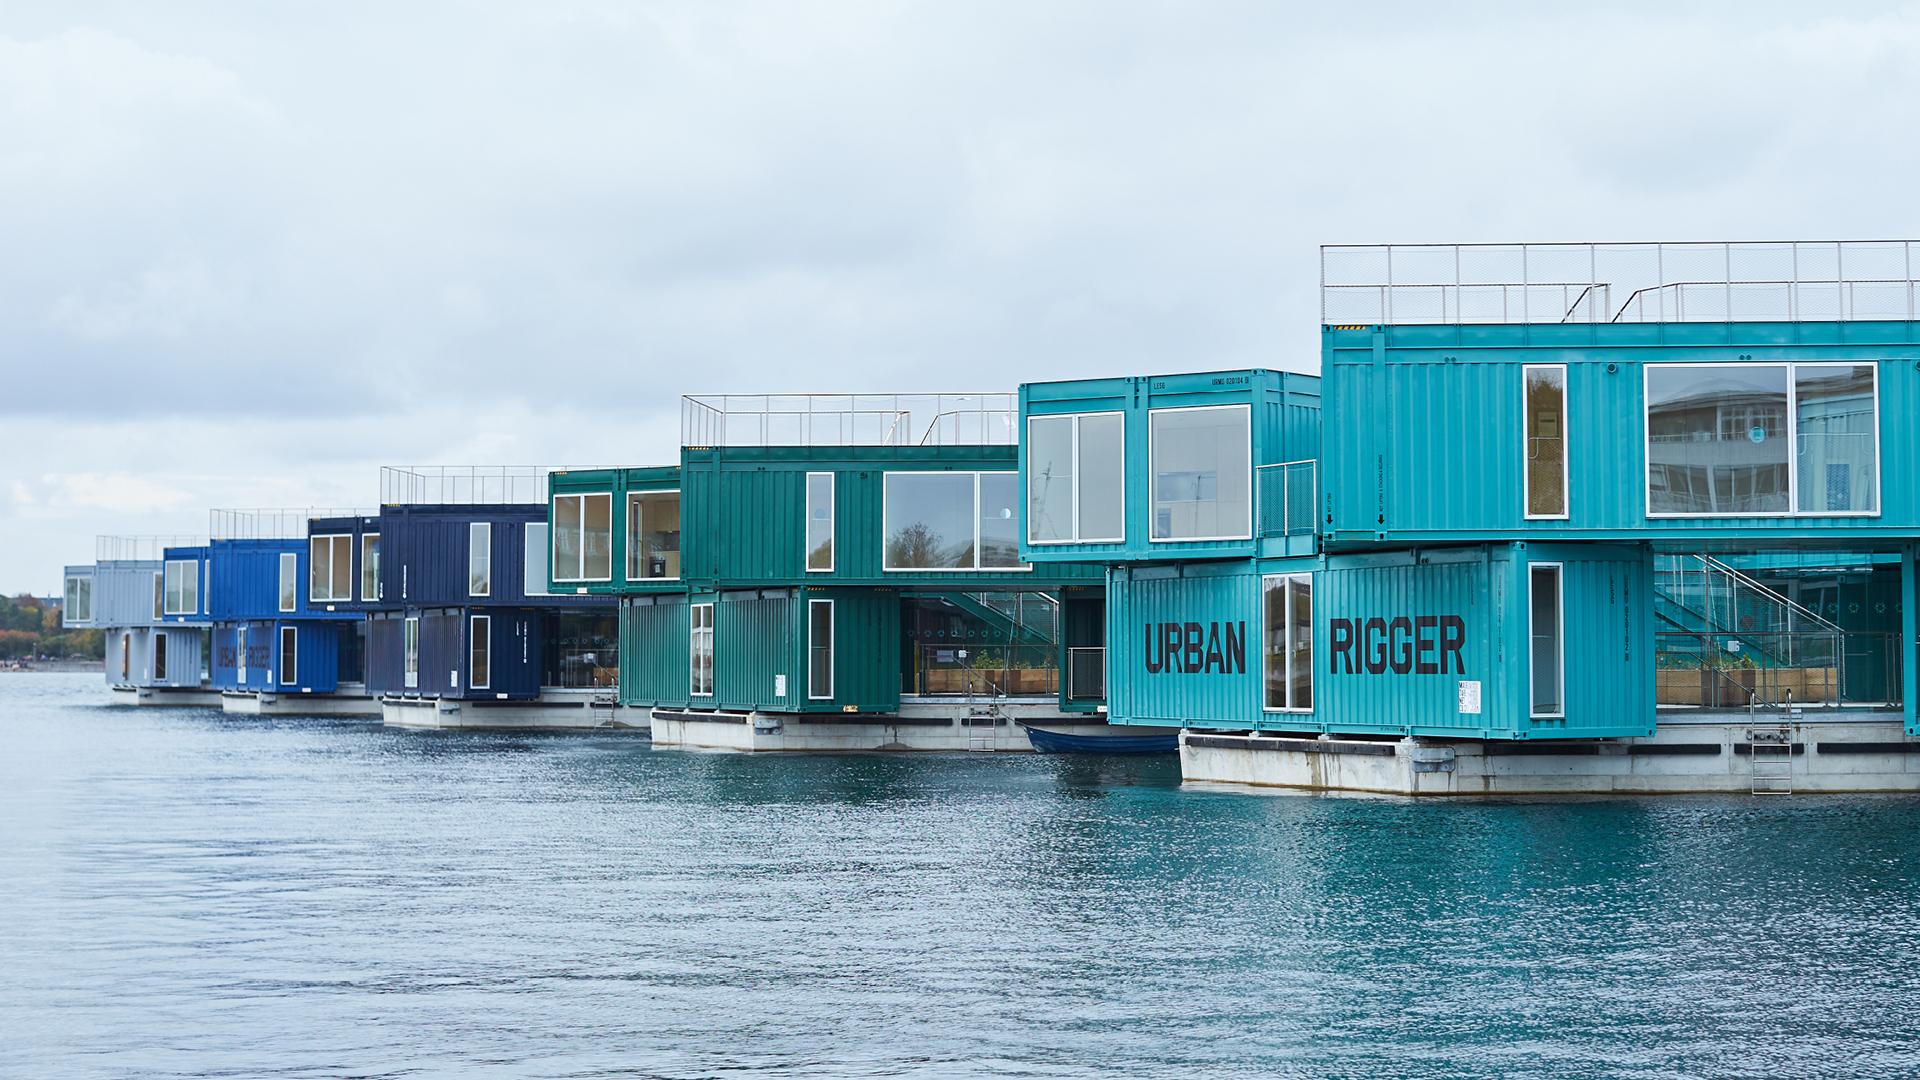 BIG builds affordable floating village 'Urban Rigger' in Copenhagen, Denmark